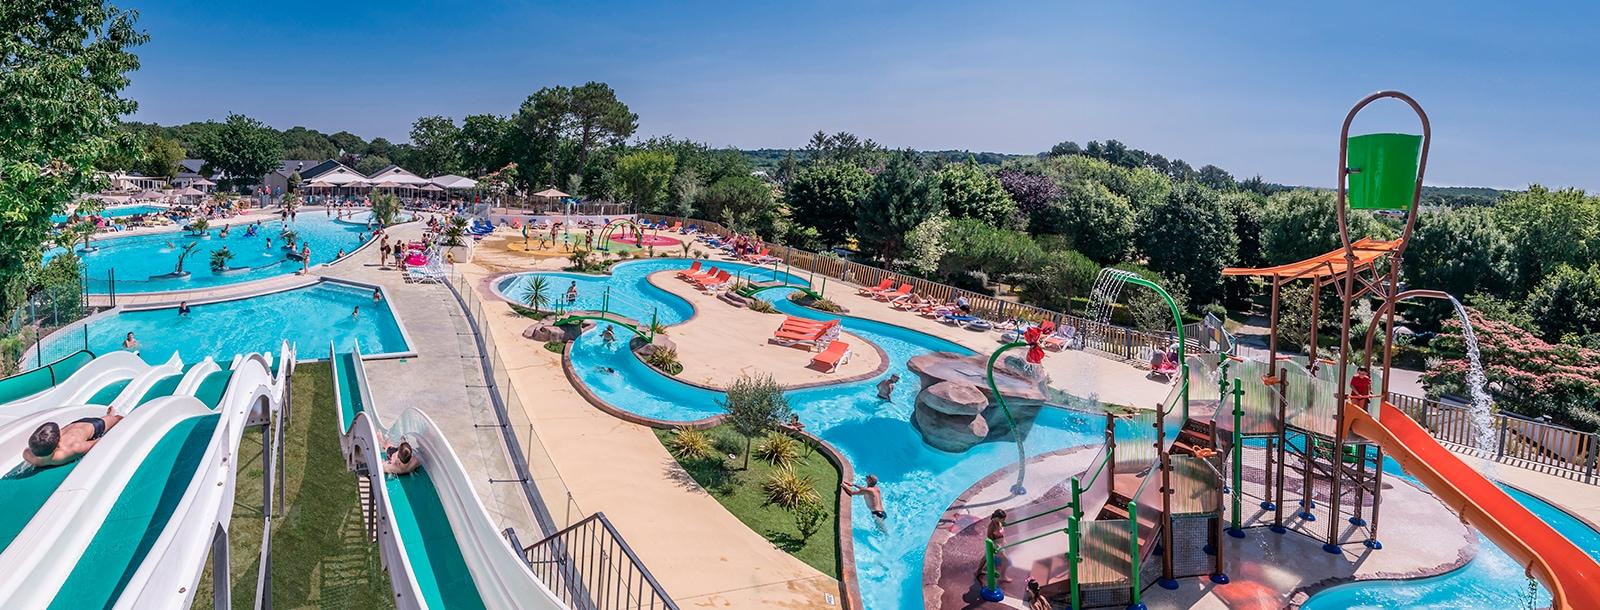 Neues Badespielzentrum und extra großer Wasserpark!